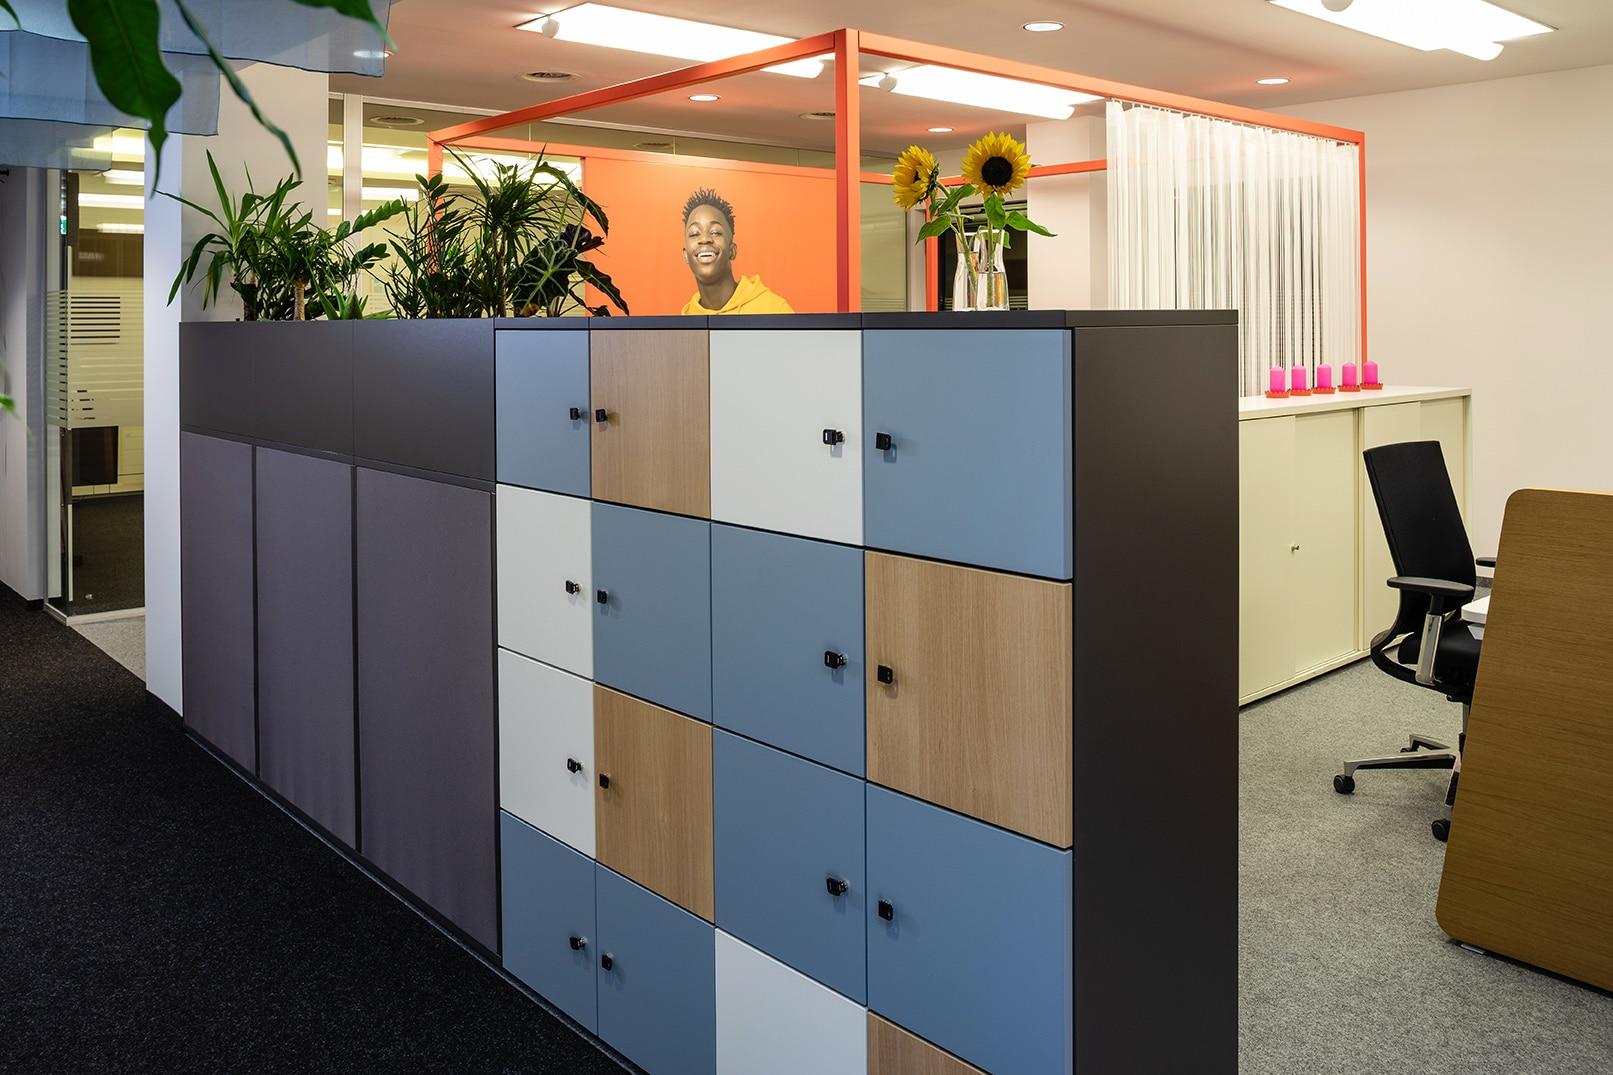 Schließfachschrank zum Beispiel im Mitarbeiterbereich für abschließbaren Stauraum im Büro. Bildrechte: Werner Jäger